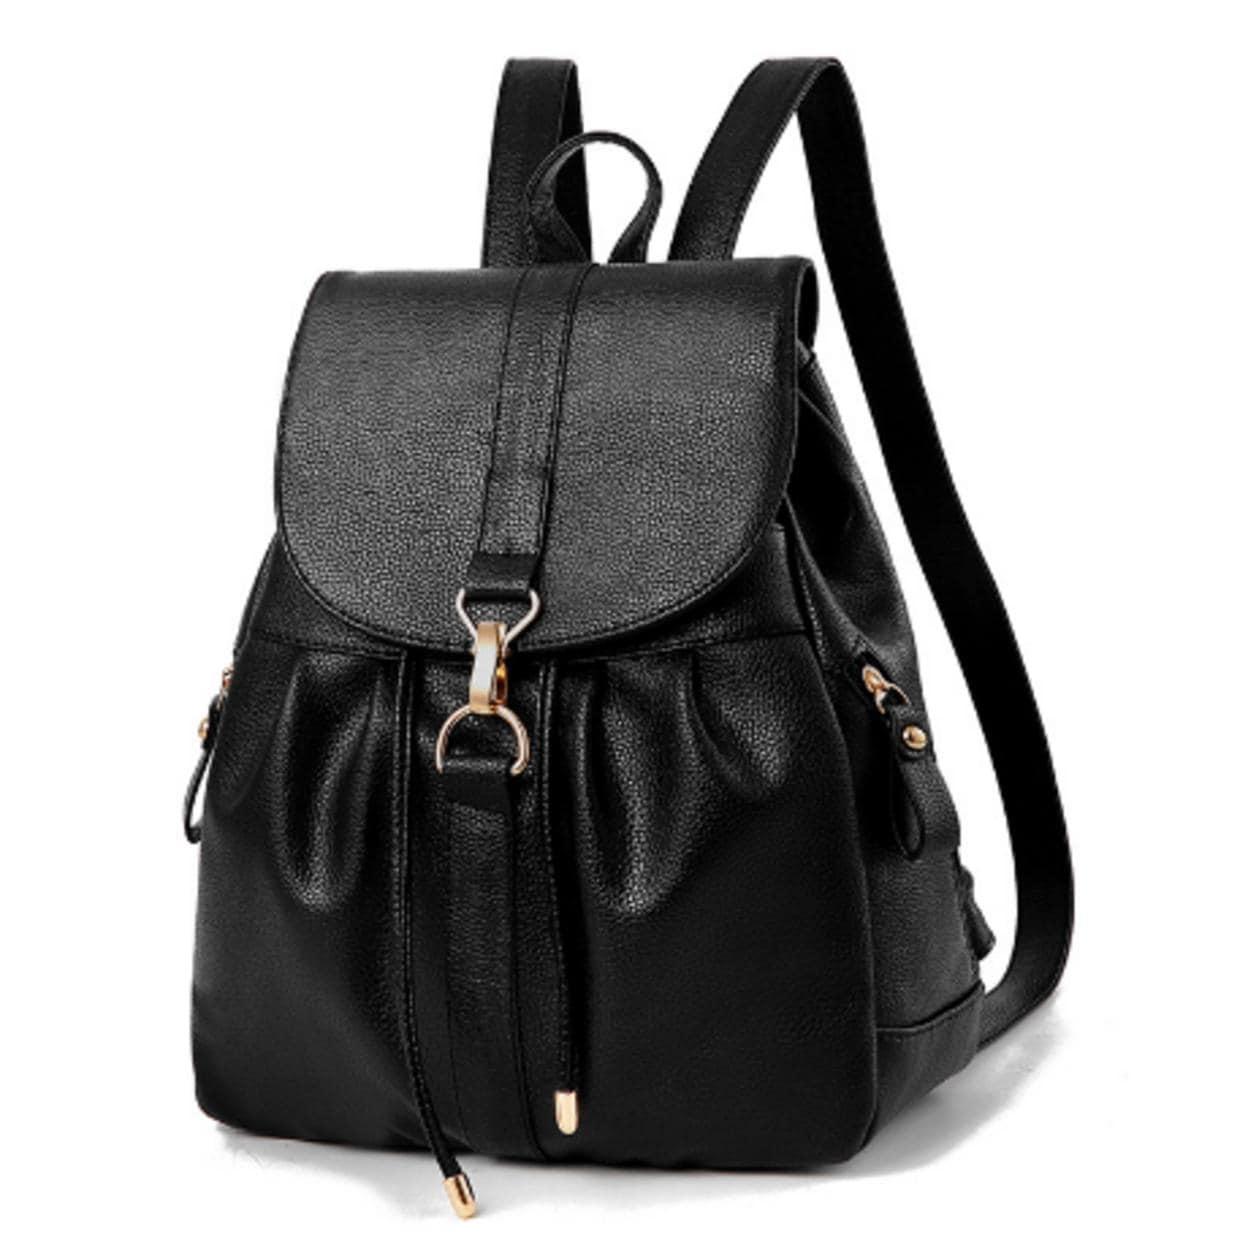 3pcs Women PU Leather Backpack School Bag Shoulder Bag Card Holder Purse K1B